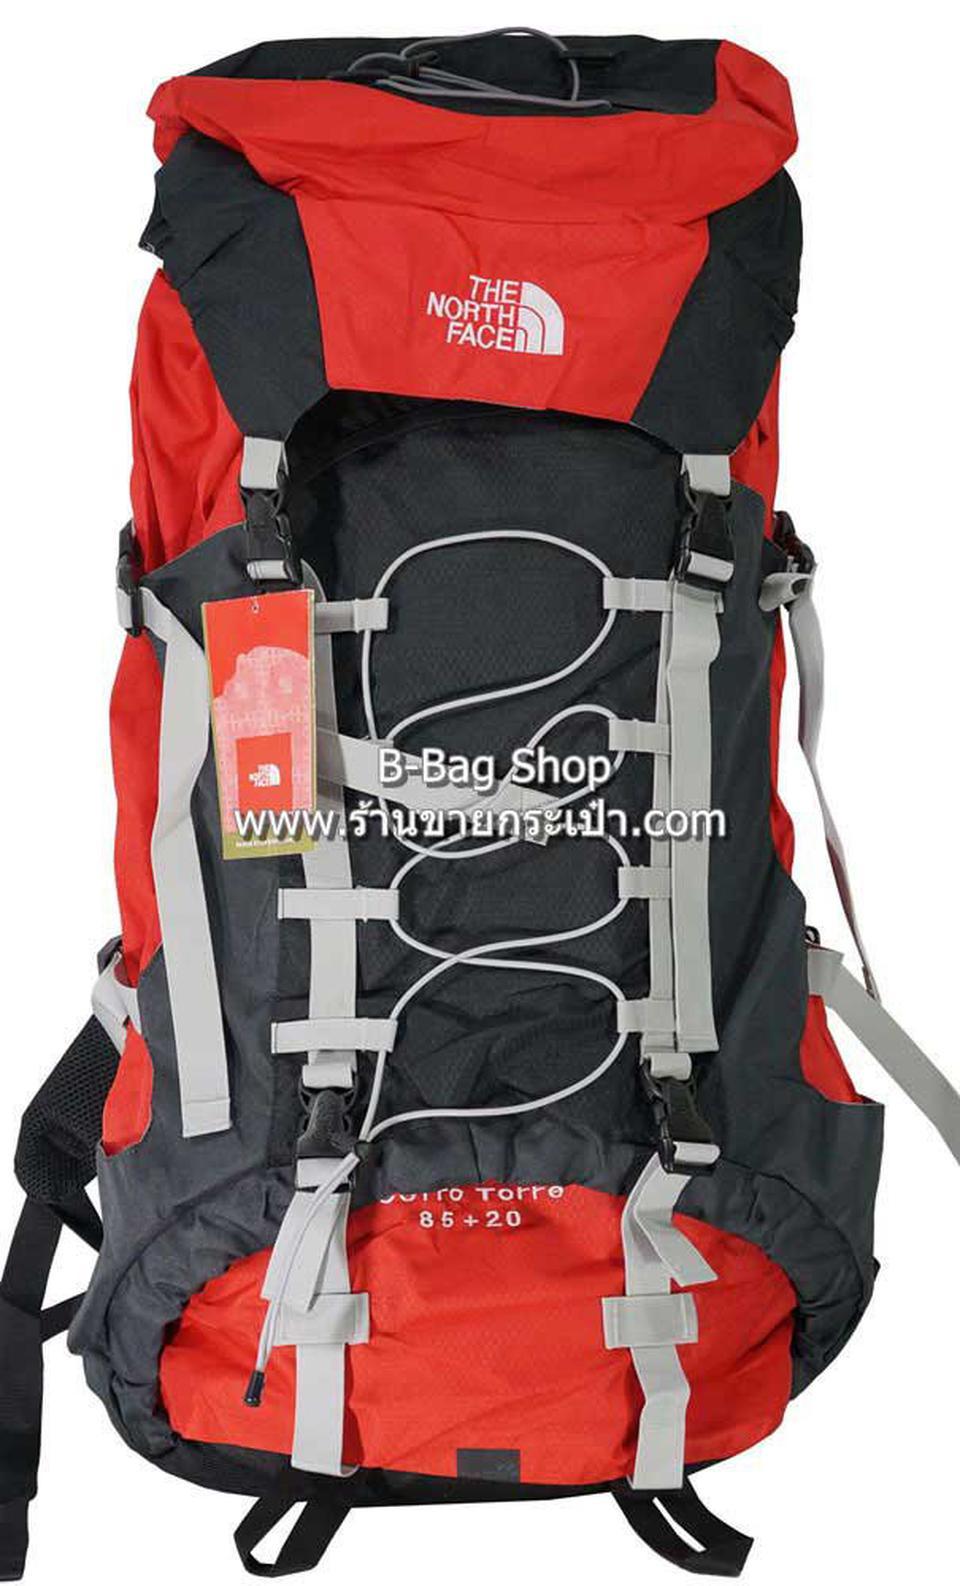 ศูนย์รวมกระเป๋าเป้ notebook กระเป๋าเป้นักนักเรียน กระเป๋าเป้เดินทาง backpack กว่า 1000 แบบ รูปที่ 2